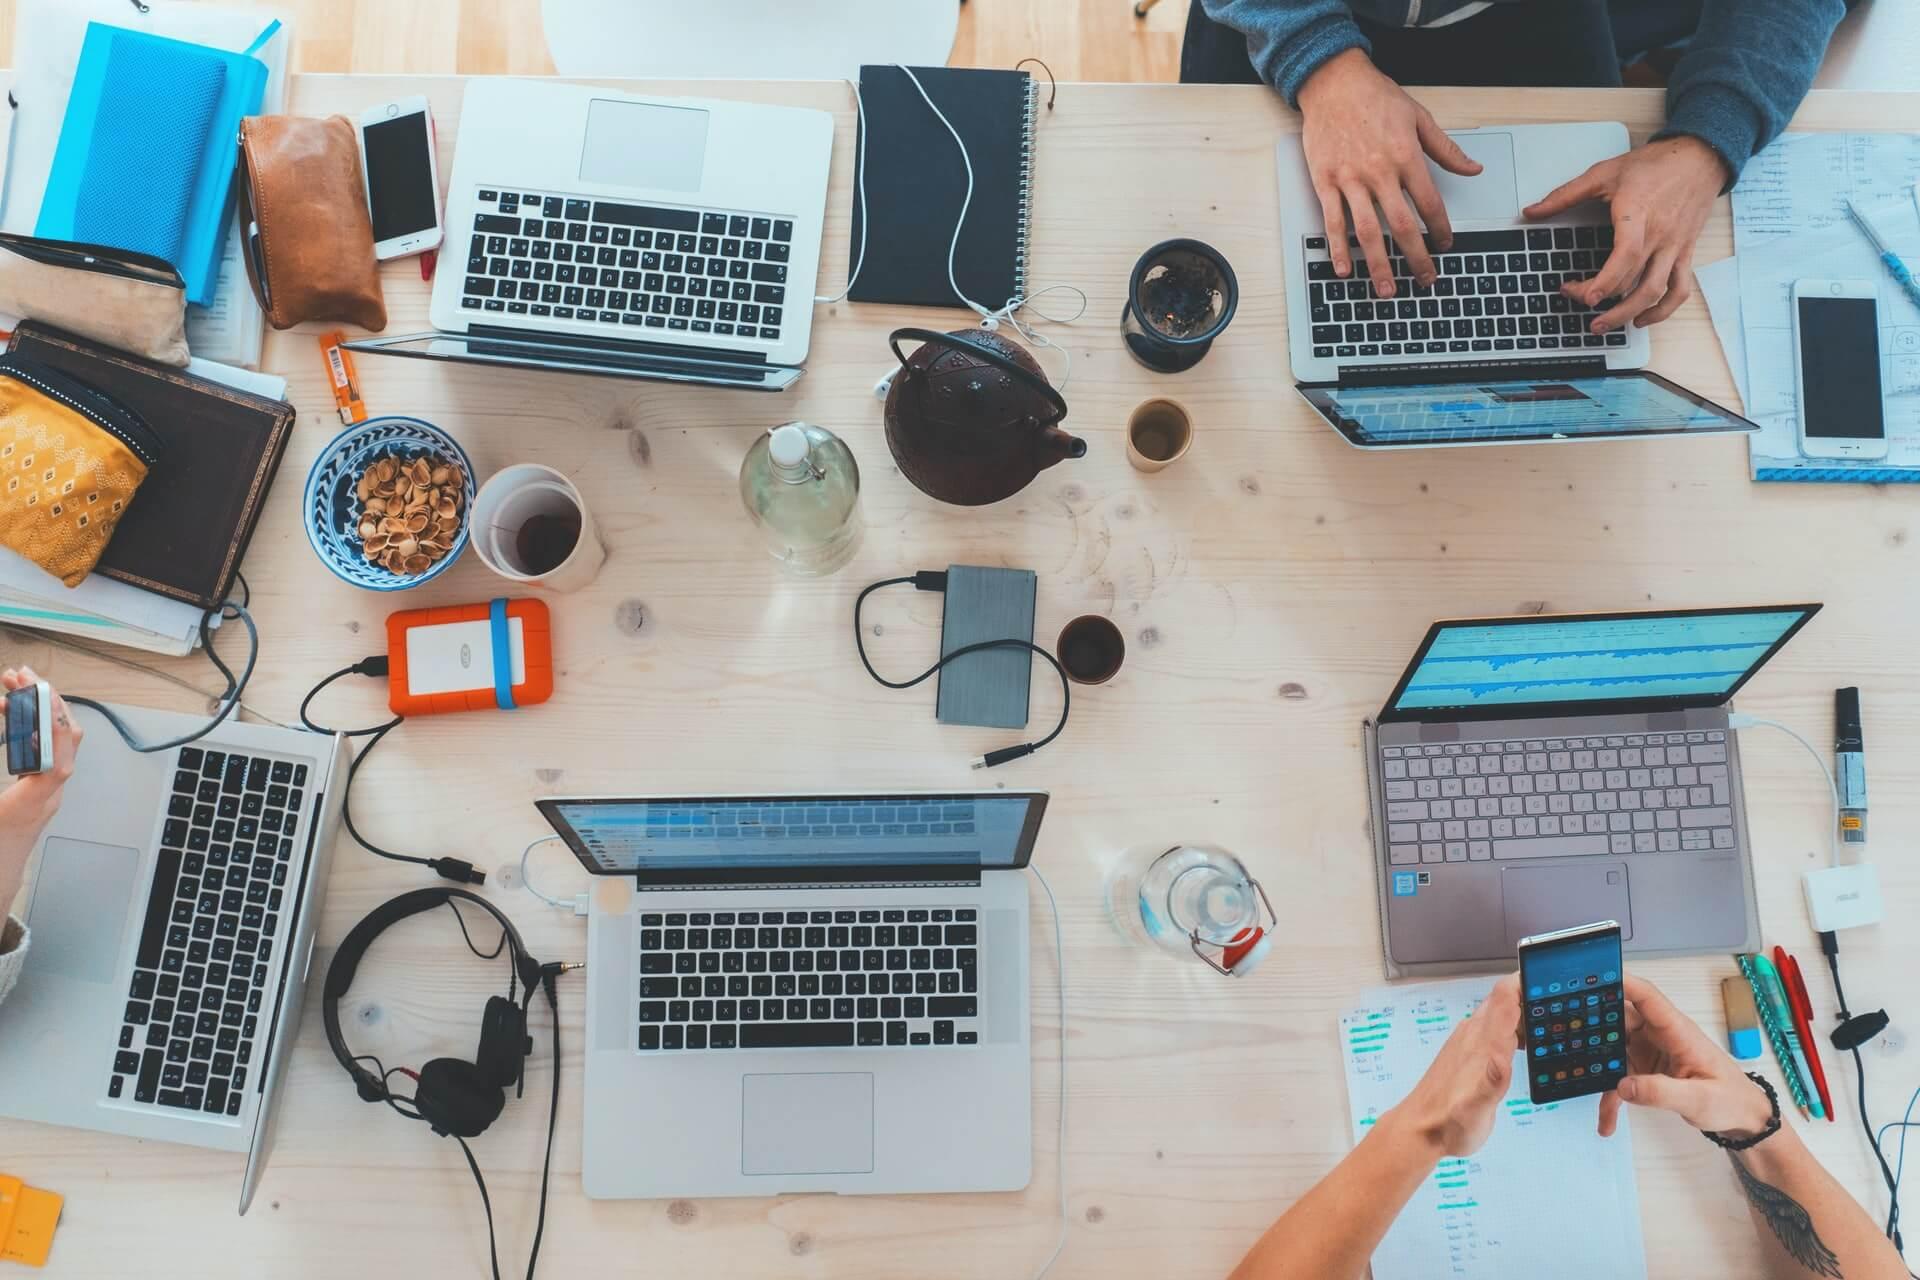 多様な勤務体系を導入する際に人事労務管理の観点から留意する点、検討すべき点とは?